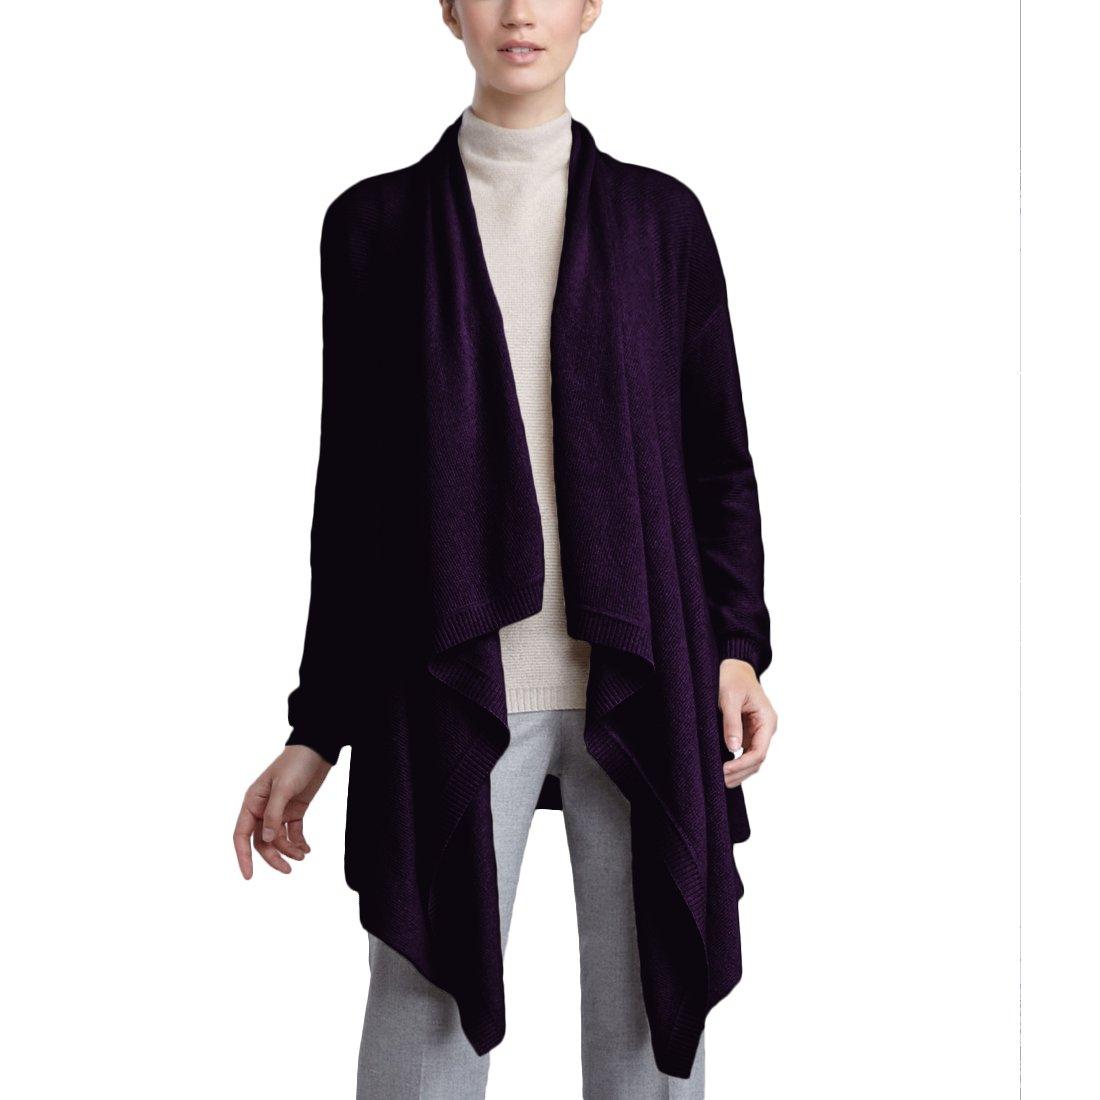 Parisbonbon Women's 100% Cashmere Shawl Collar Cardigan Color Deep Violet Size L